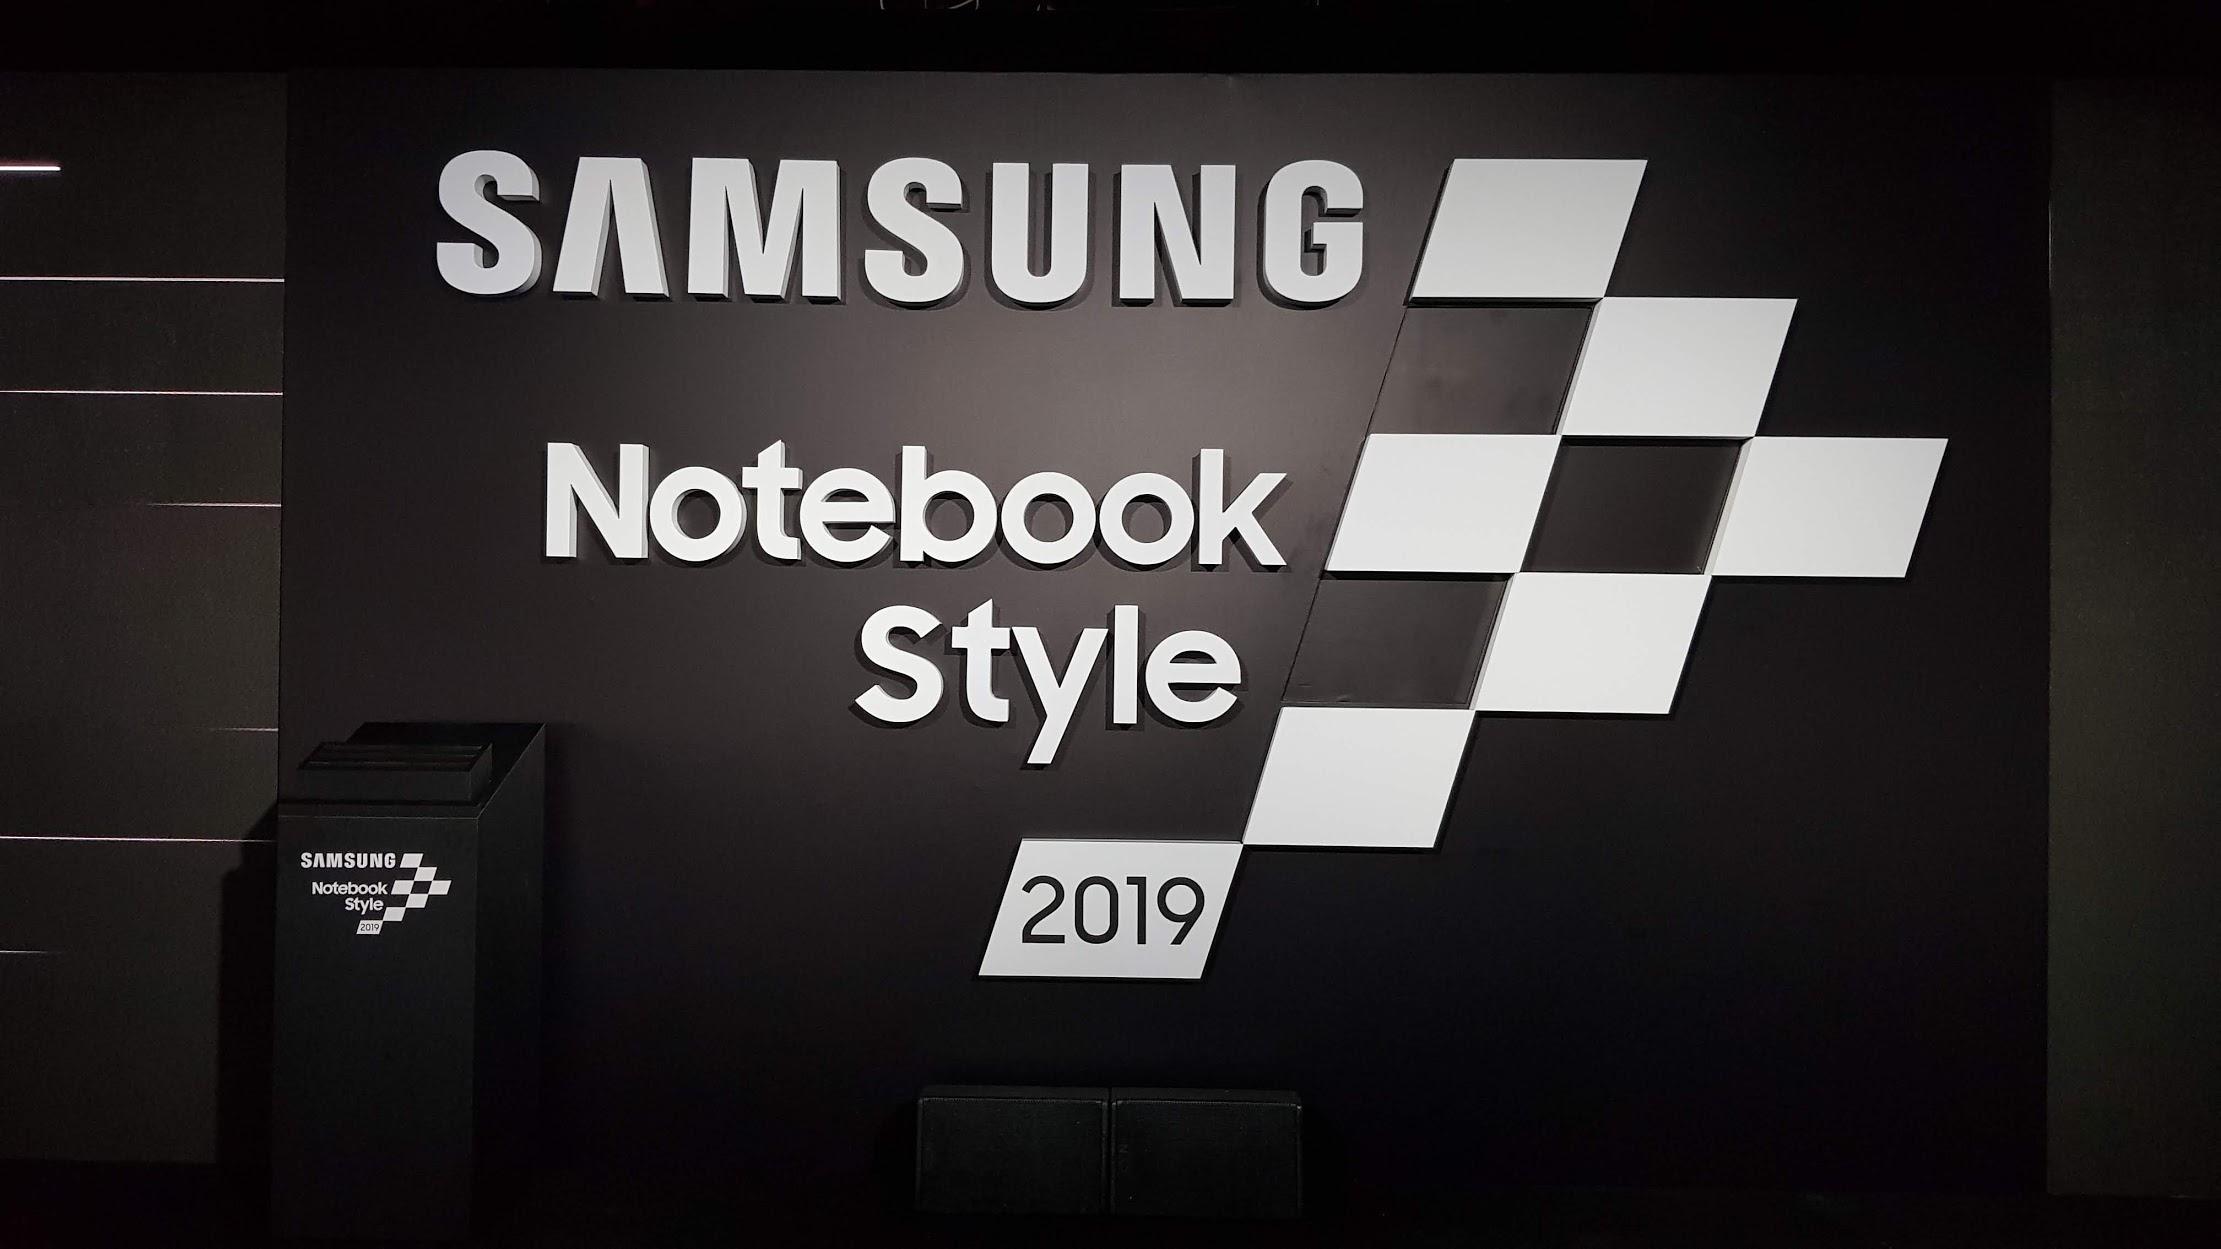 Notebook Samsung Style | Novo portfólio foi anunciado hoje no Brasil